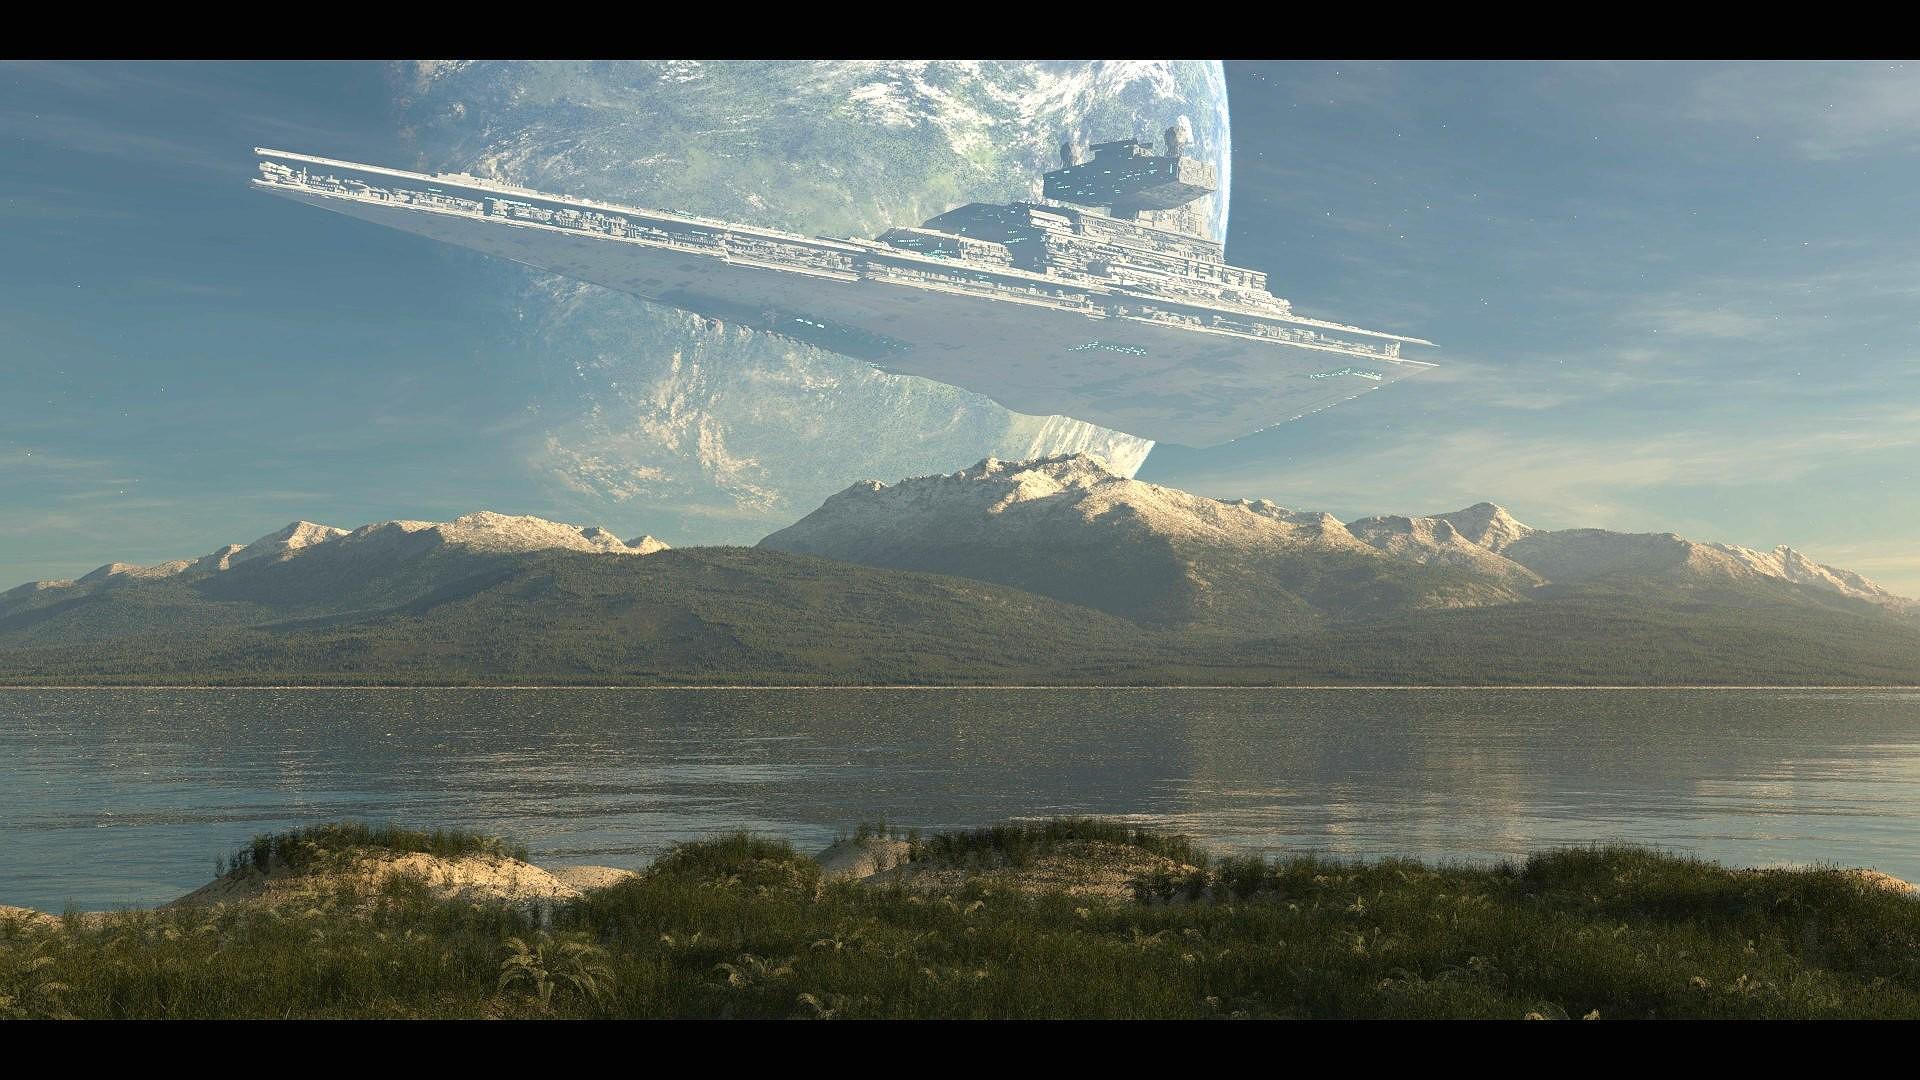 Star Wars Star Destroyer Wallpaper 74 Images